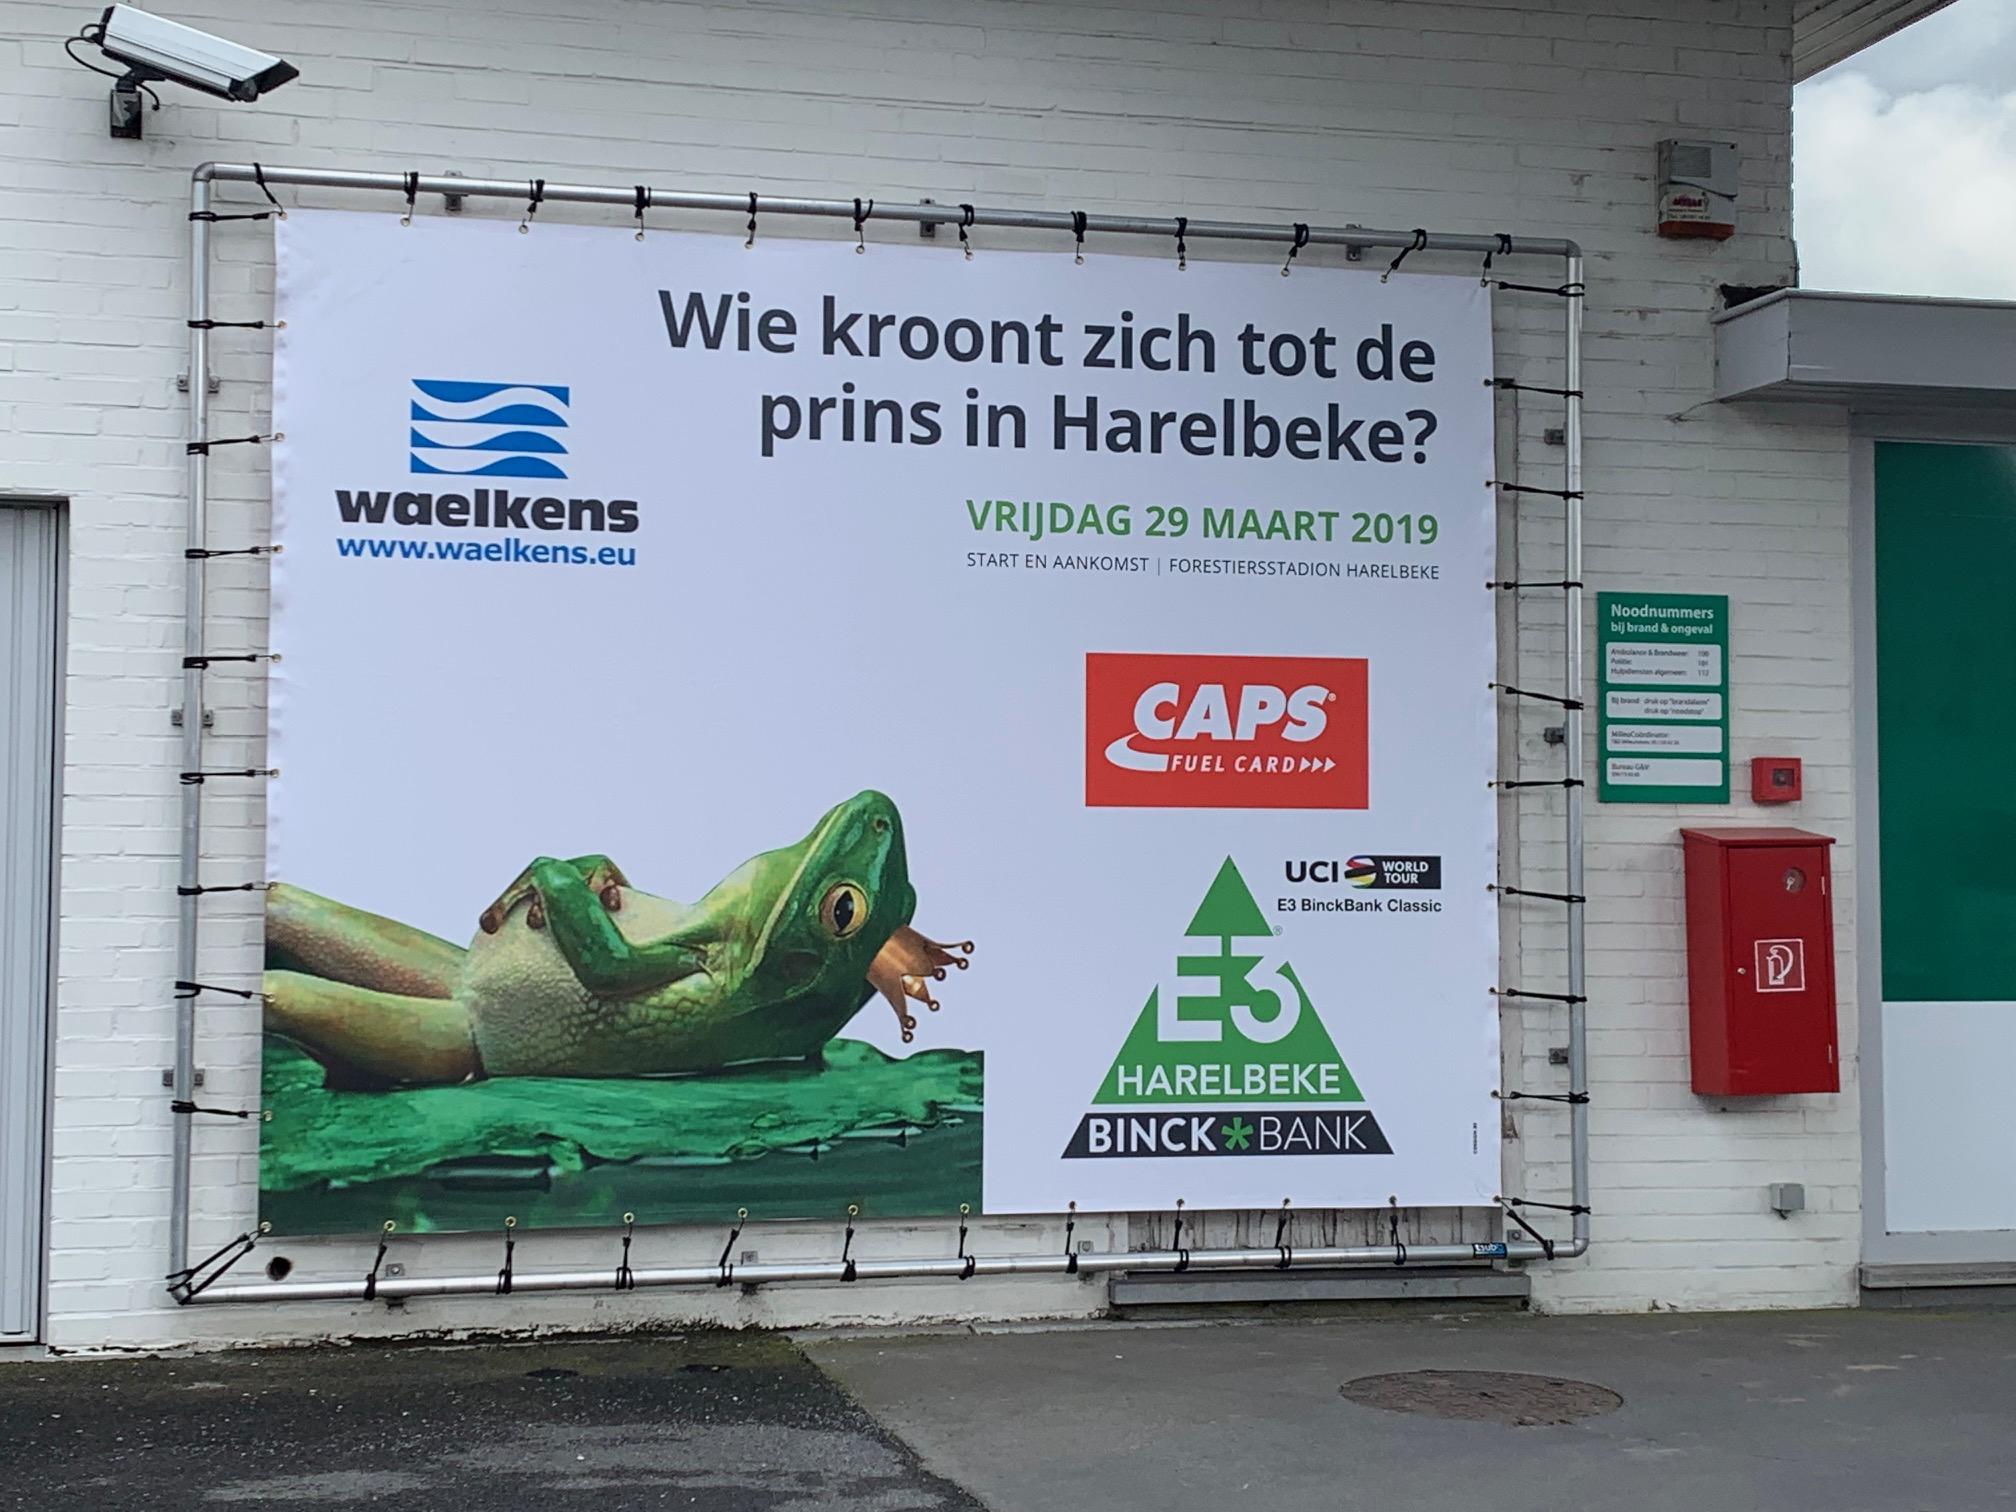 E3-banners voor Caps door Waelkens